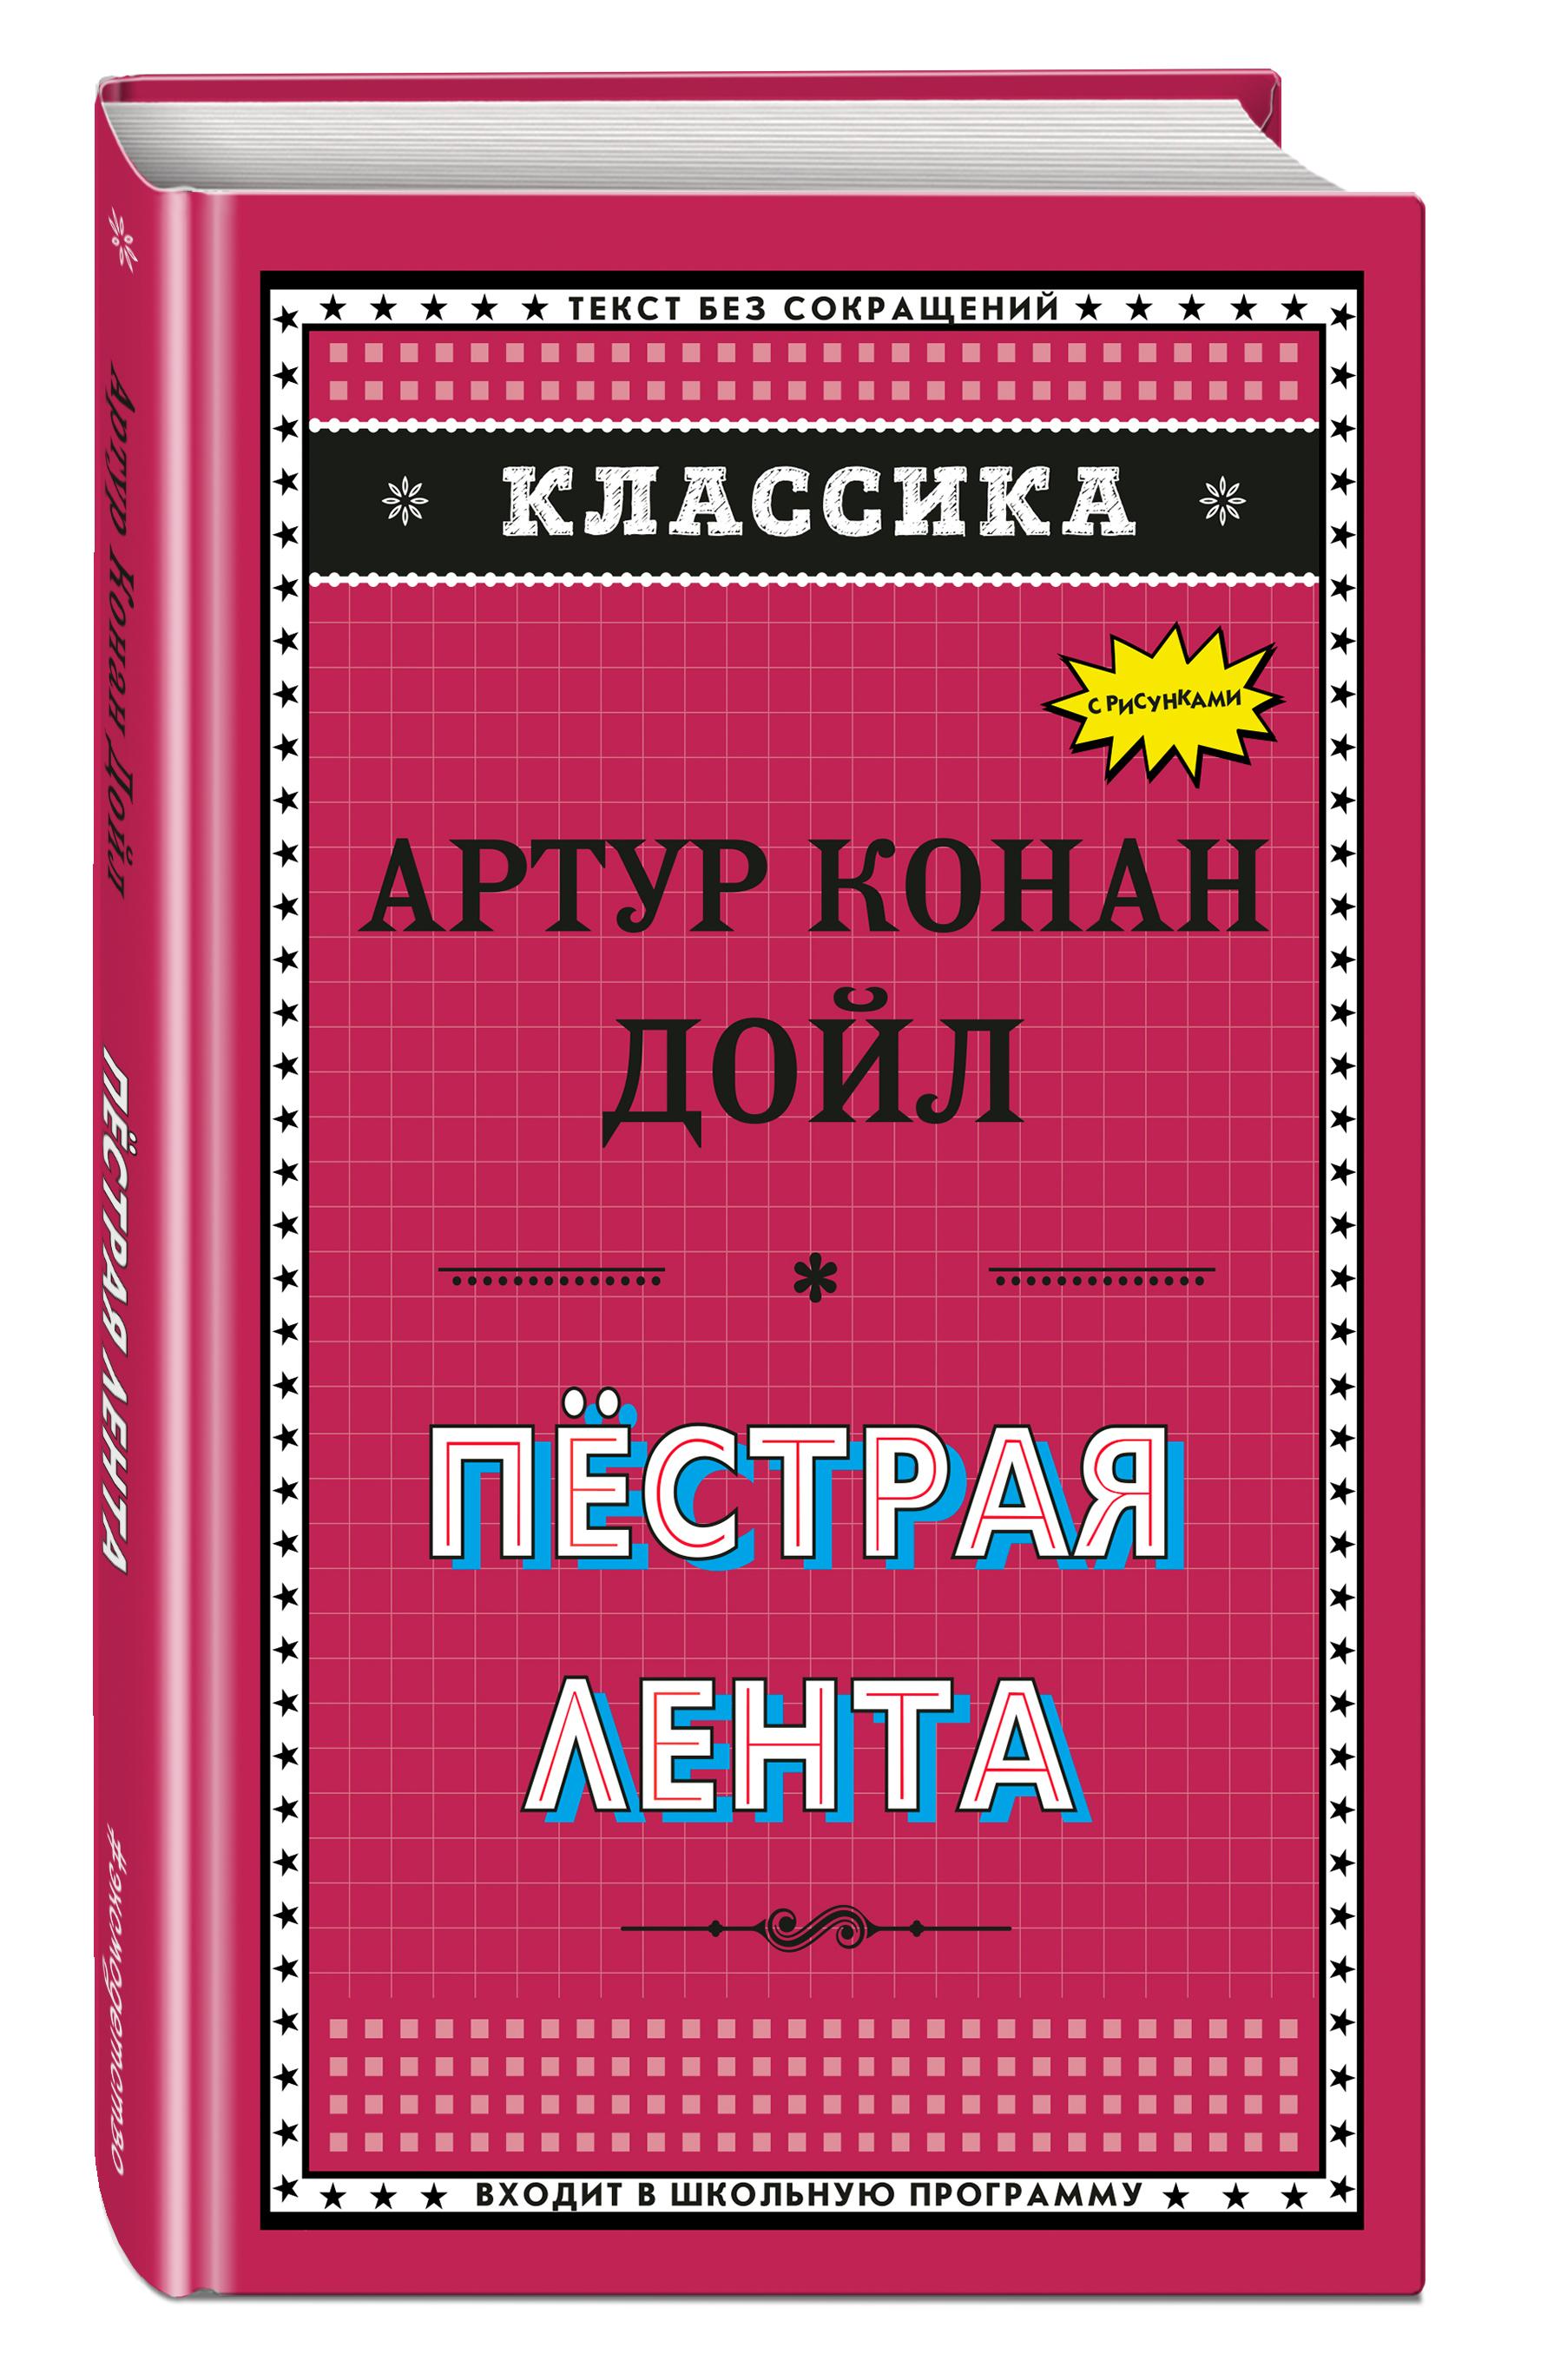 Артур Конан Дойл Пёстрая лента: рассказы (ил. С. Пэджета) артур конан дойл рассказы